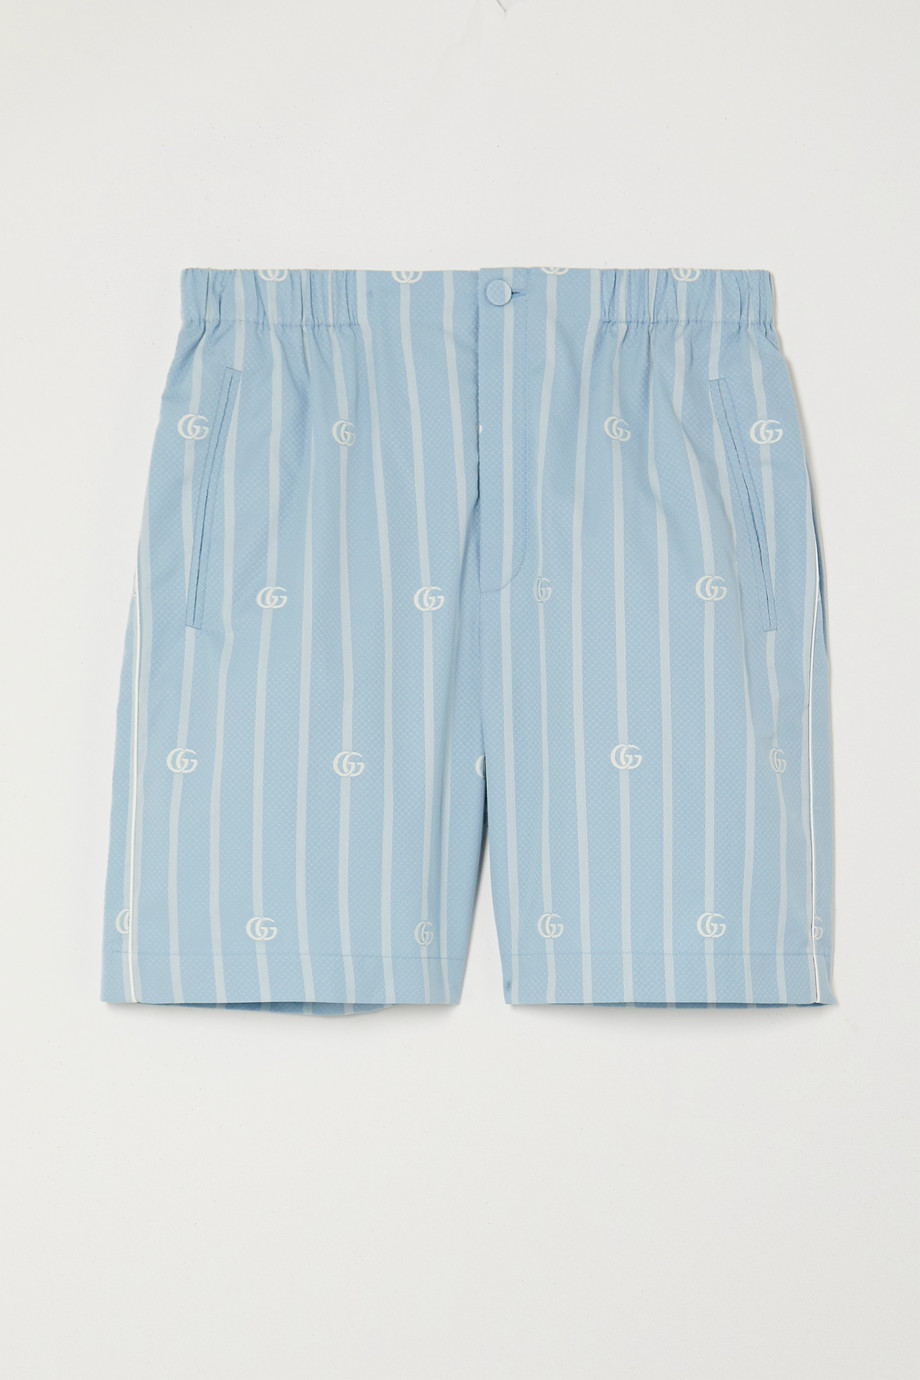 Gucci 条纹纯棉提花短裤